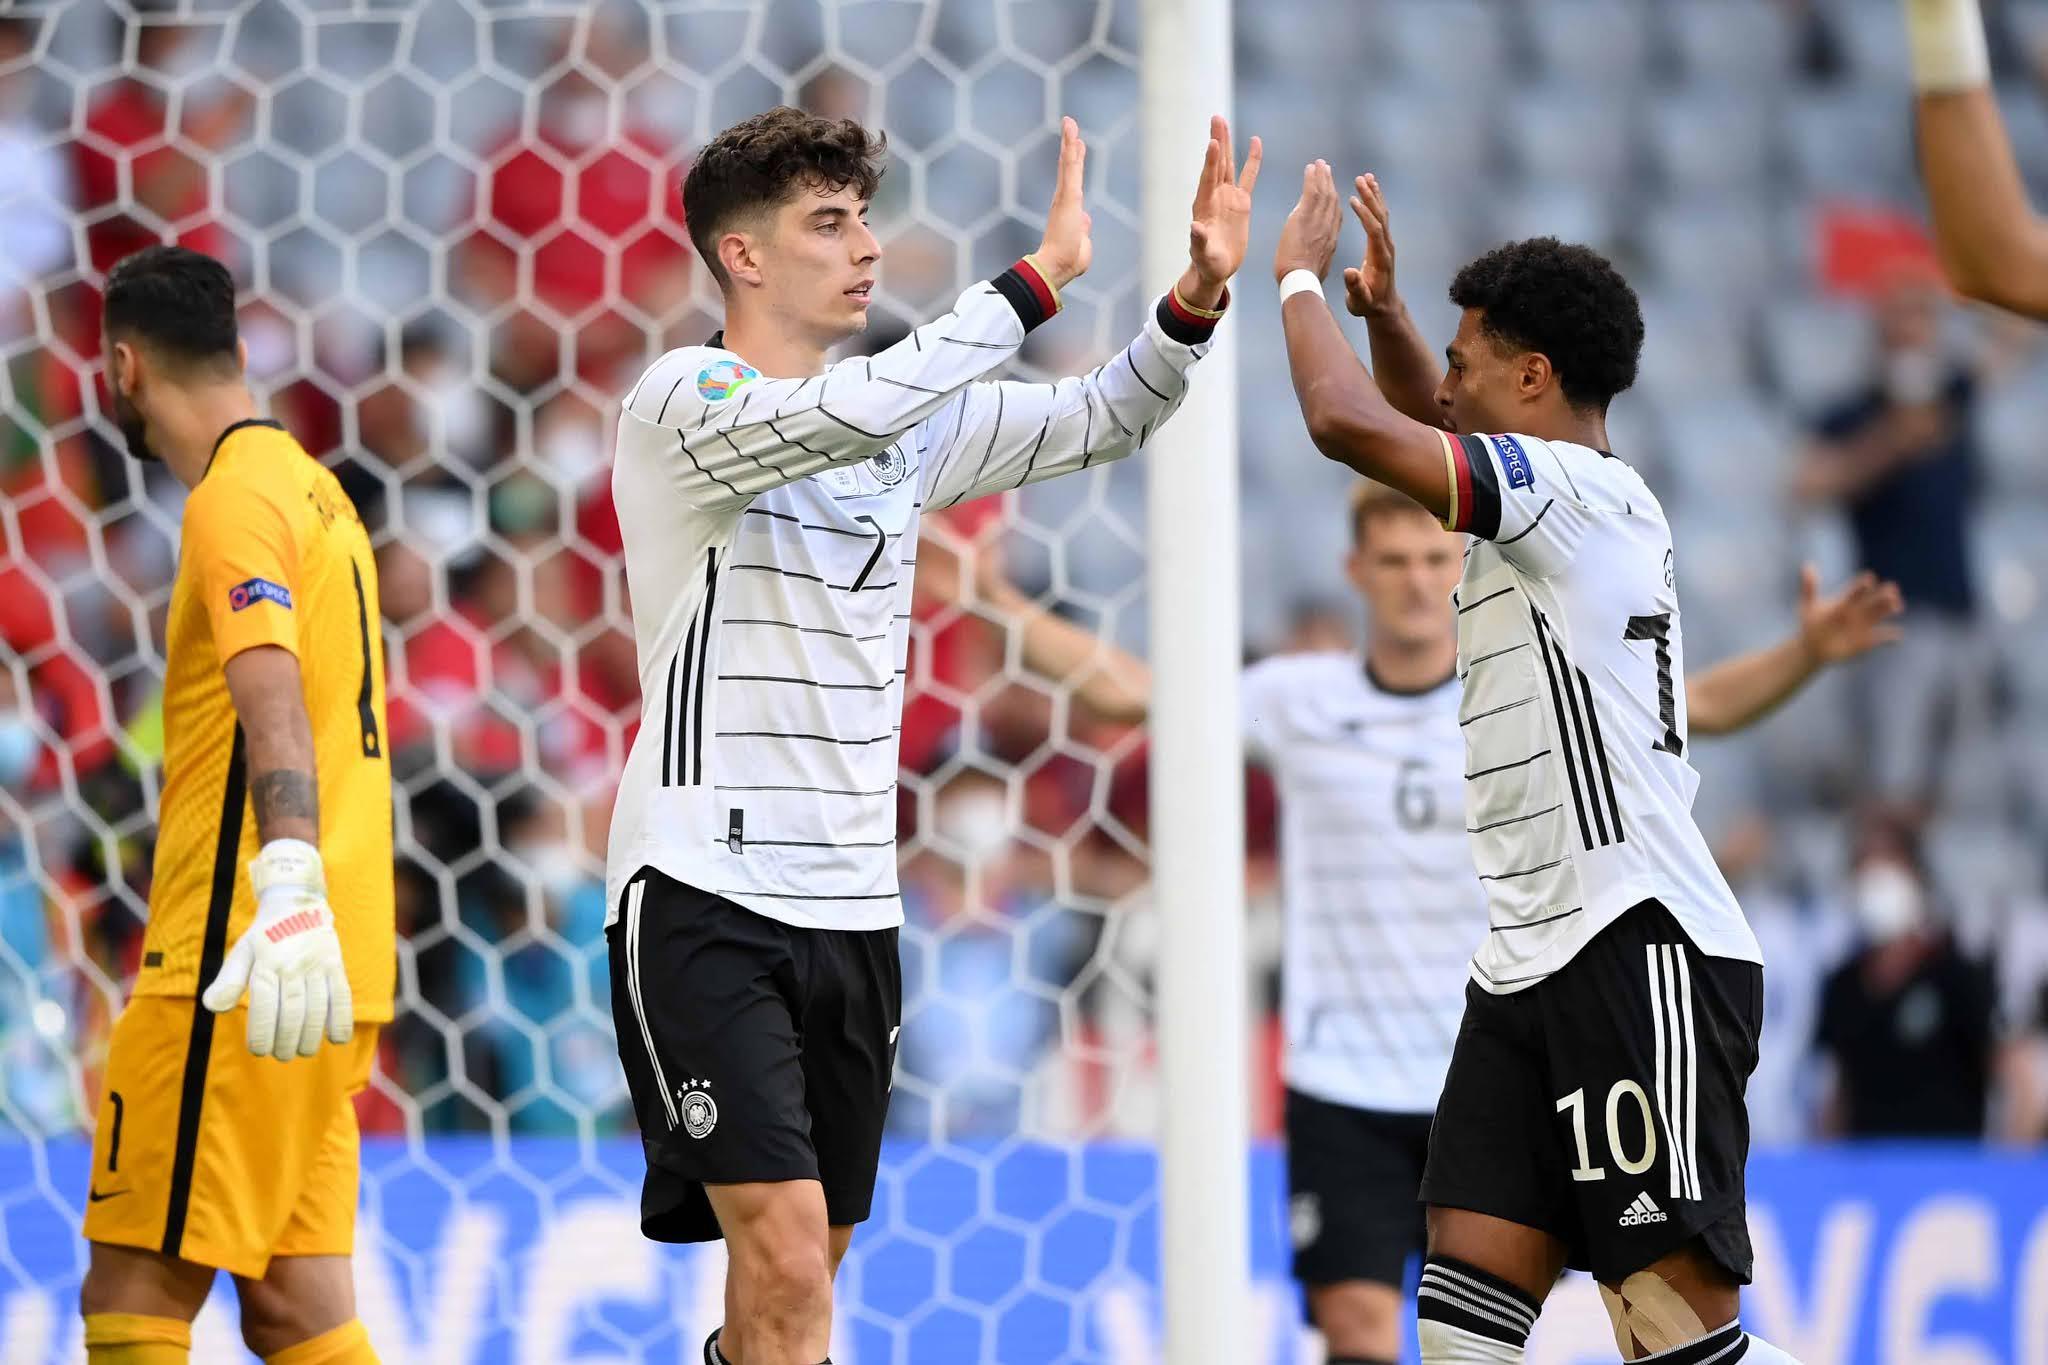 Alemania recuperó la memoria y derrotó al Portugal de Cristiano Ronaldo por la Eurocopa